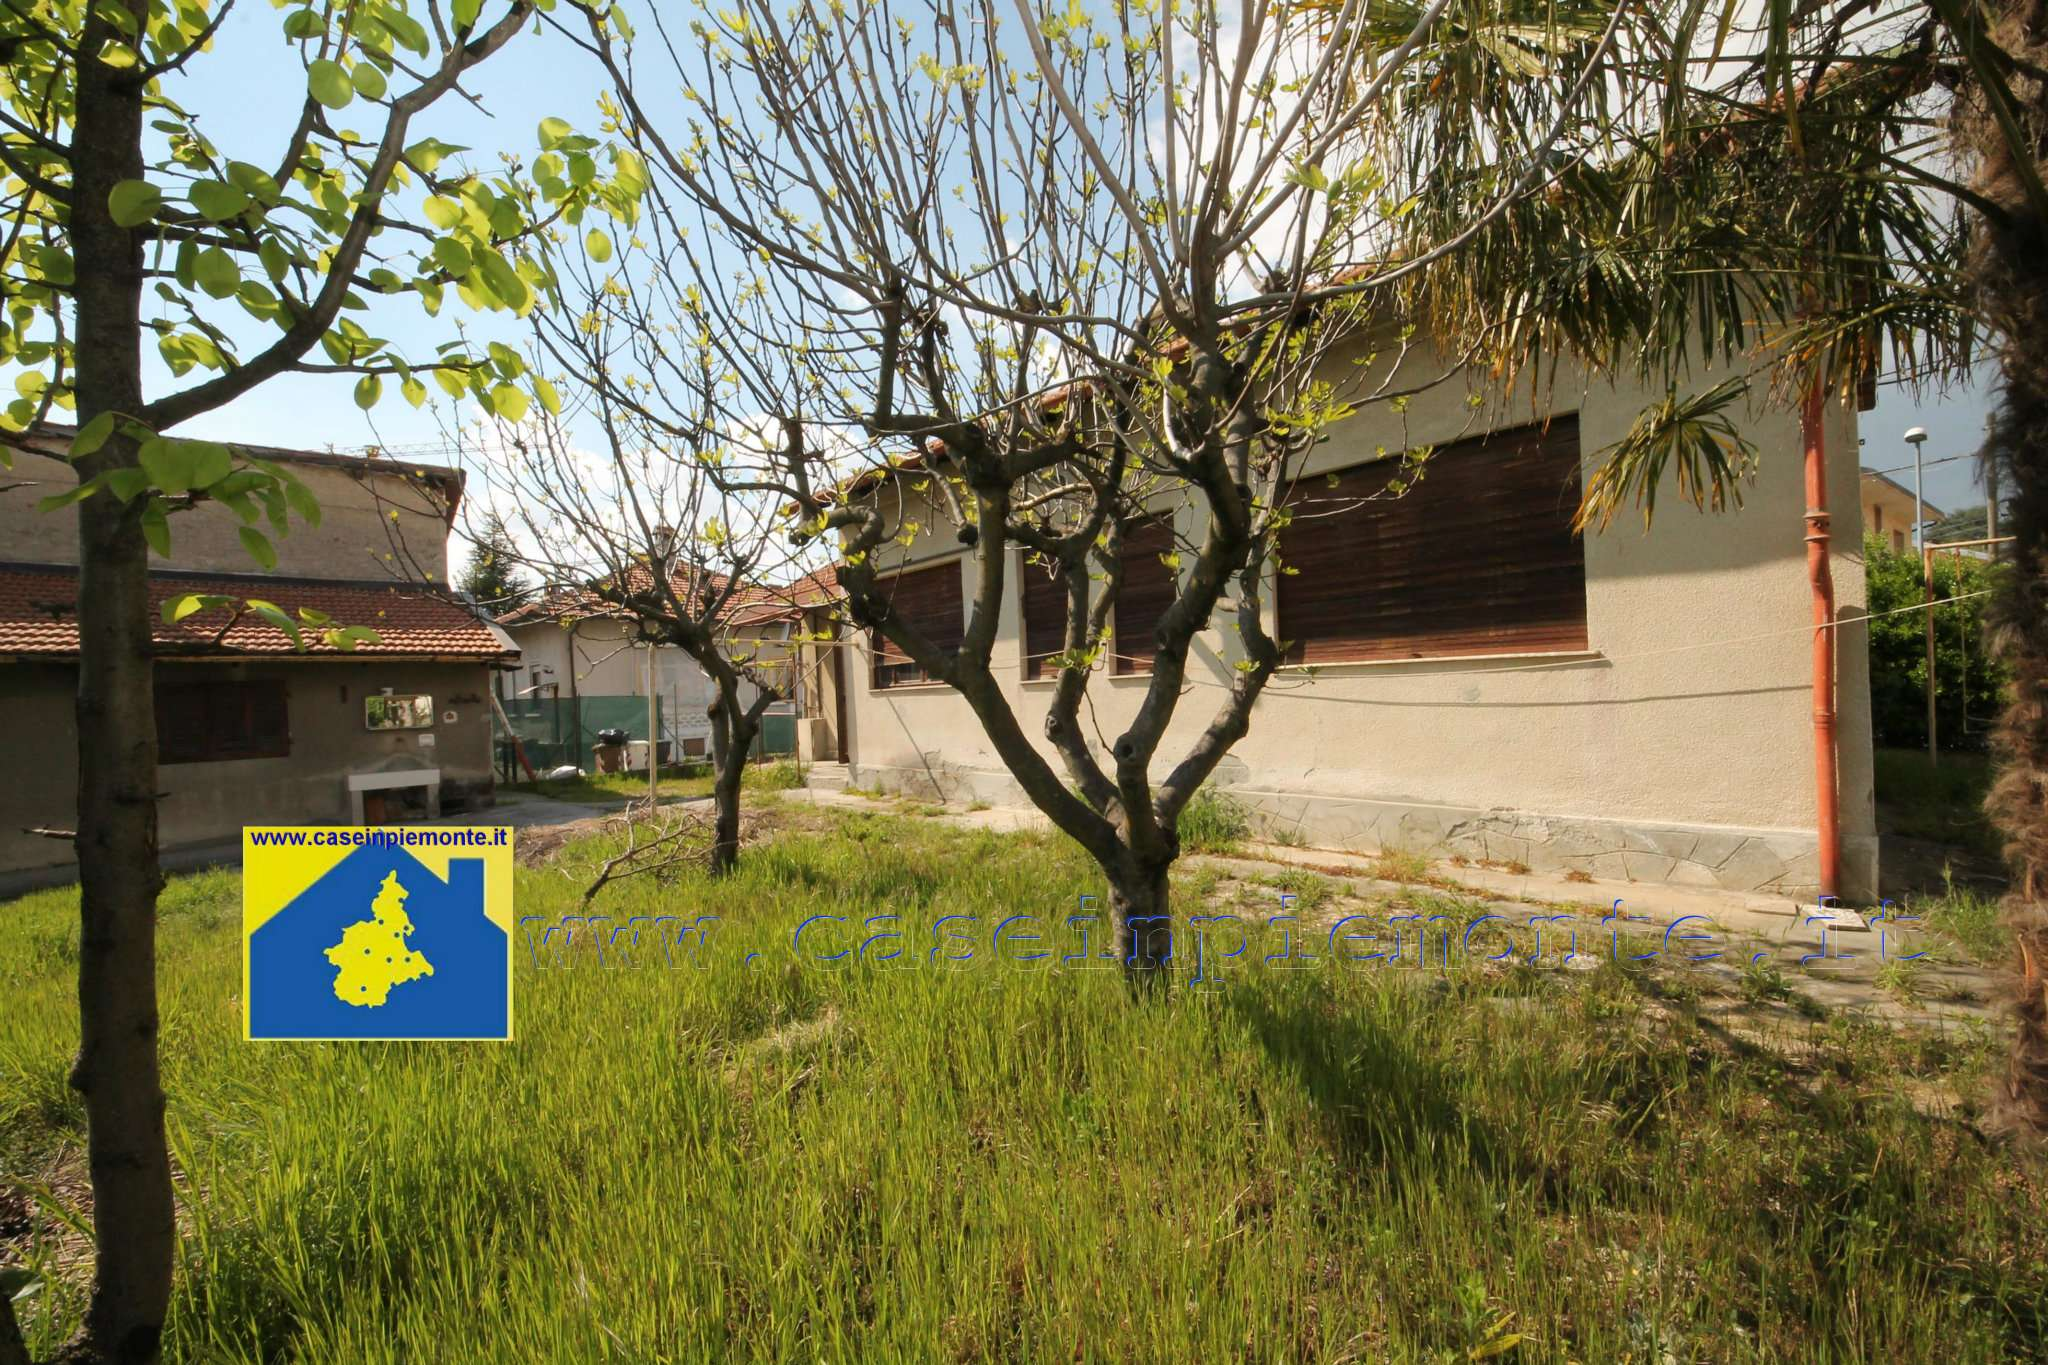 Foto 1 di Casa indipendente via XXV APRILE 15, Alpignano